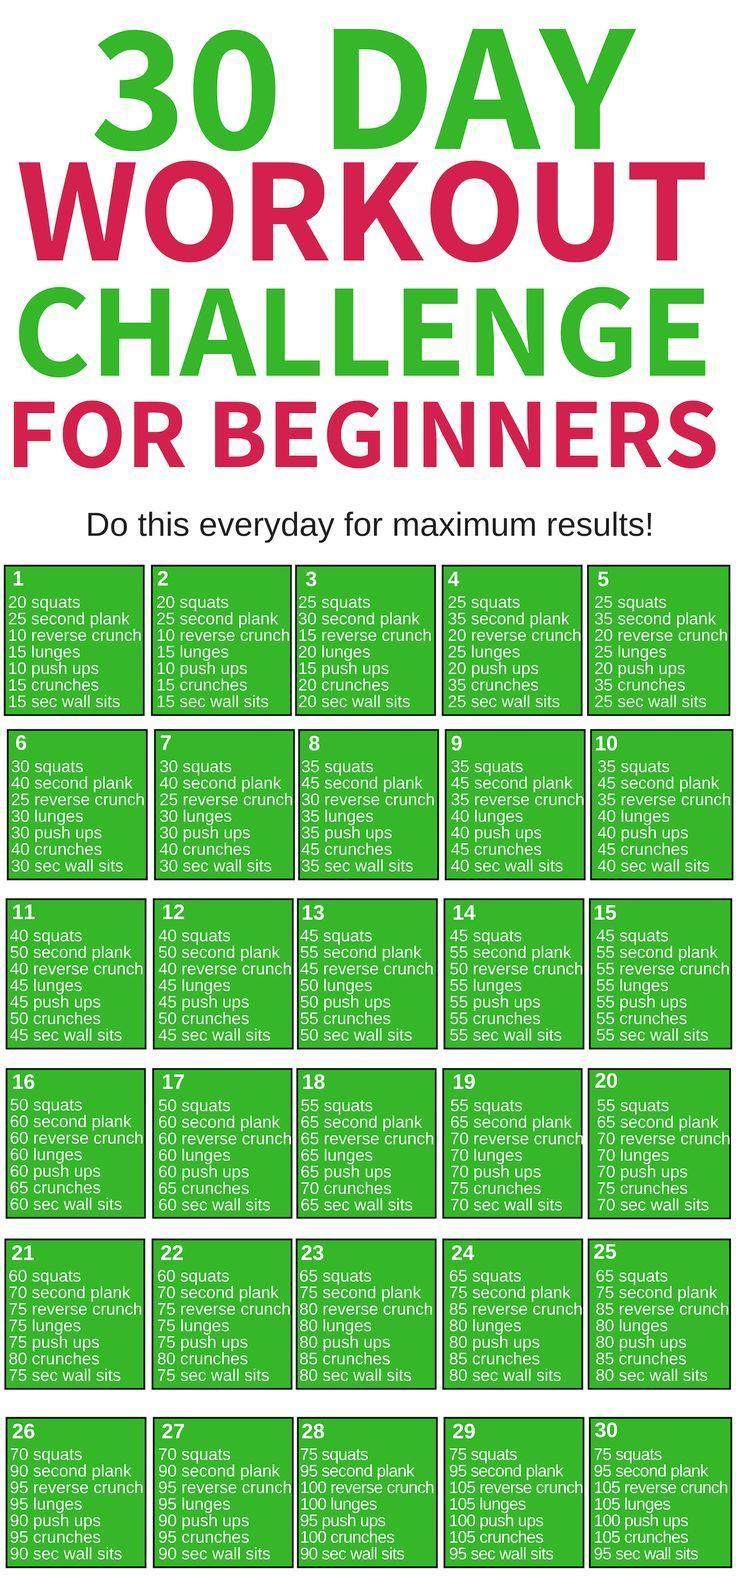 Diese 30-tägige Trainingsherausforderung für Anfänger ist DAS BESTE! Ich bin